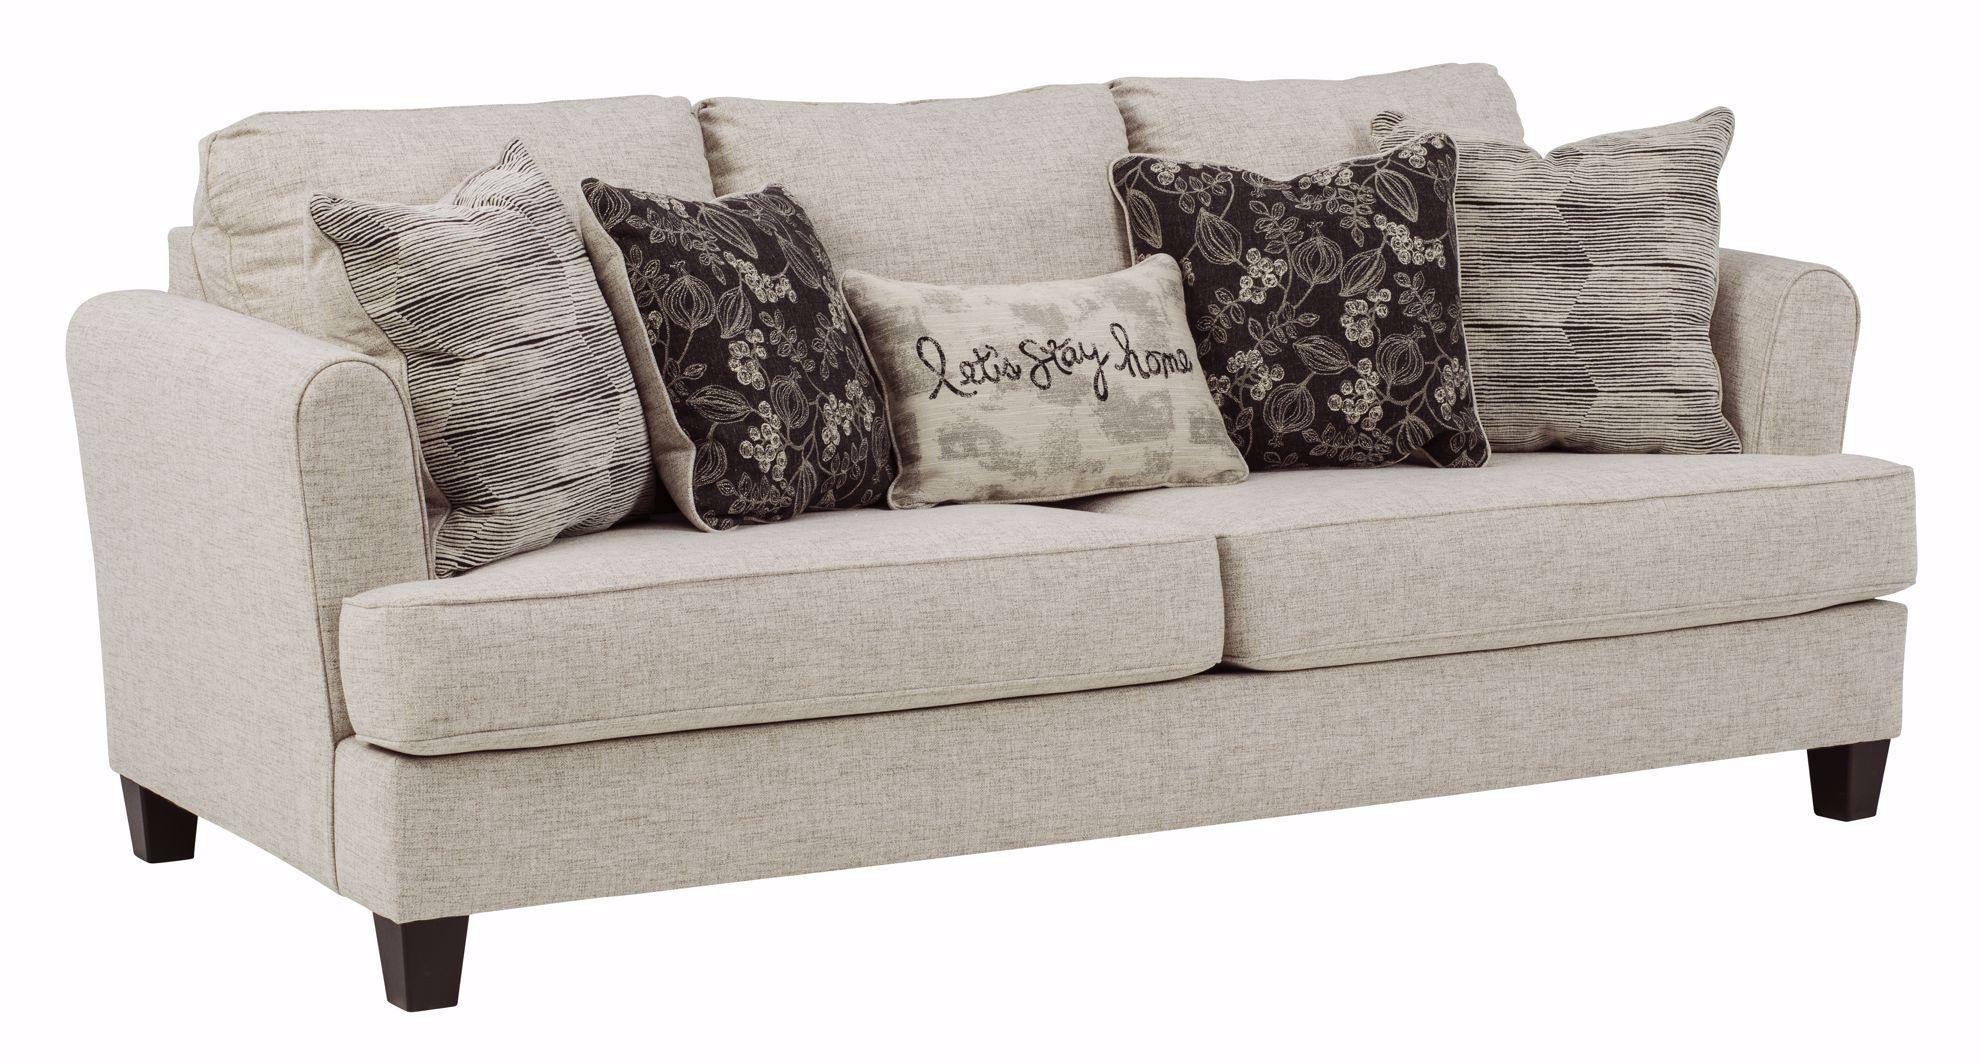 Callisburg Linen Sofa   The Furniture Mart Inside Gneiss Modern Linen Sectional Sofas Slate Gray (View 3 of 15)